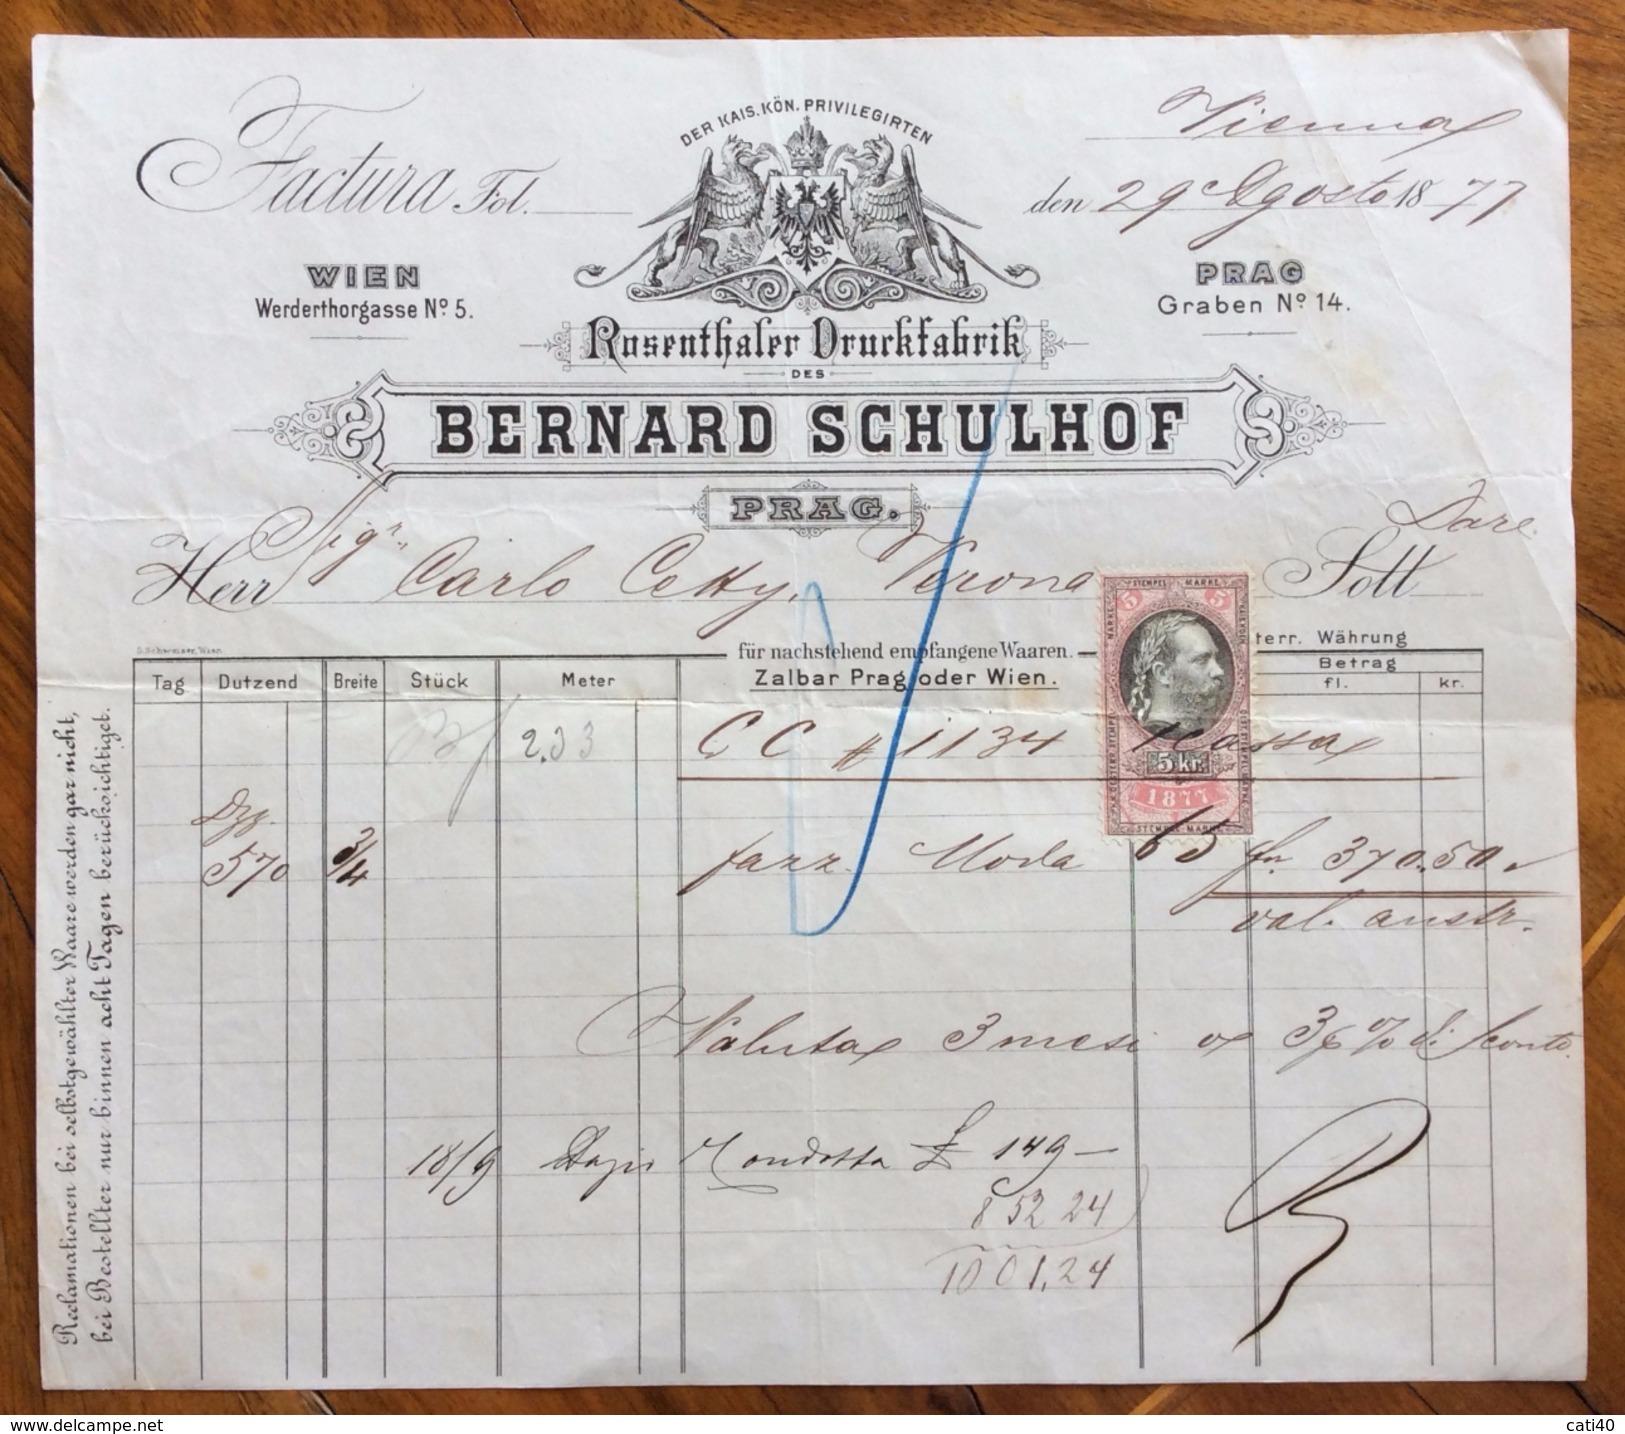 FATTURA PUBBLICITARIA VIENNA  PRAGA  WIEN - PRAG BERNARD SCHULHOF  DEL 29/8/1877 - Austria